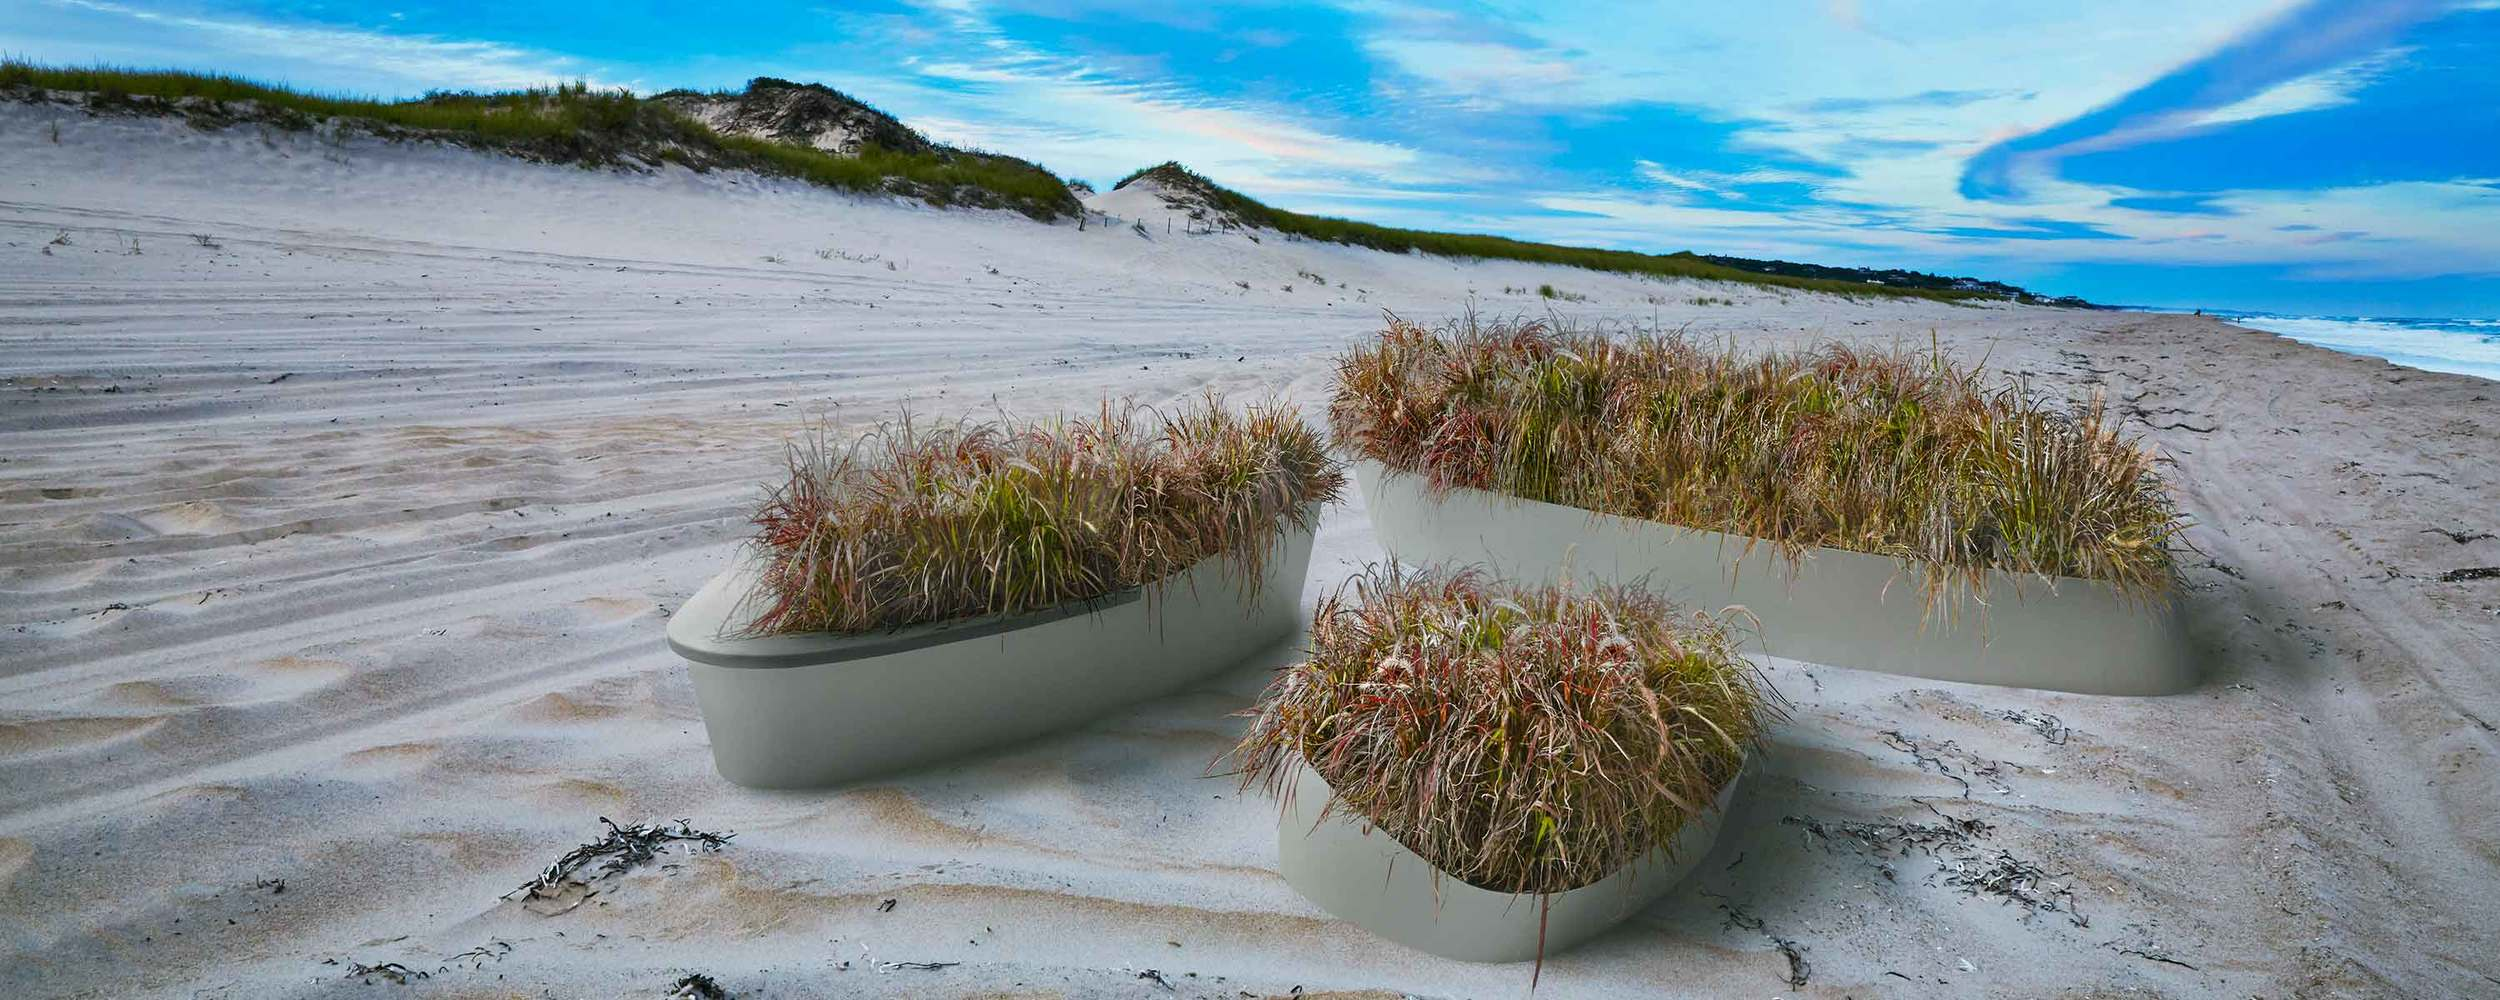 Dune Series Powder Coated Aluminum